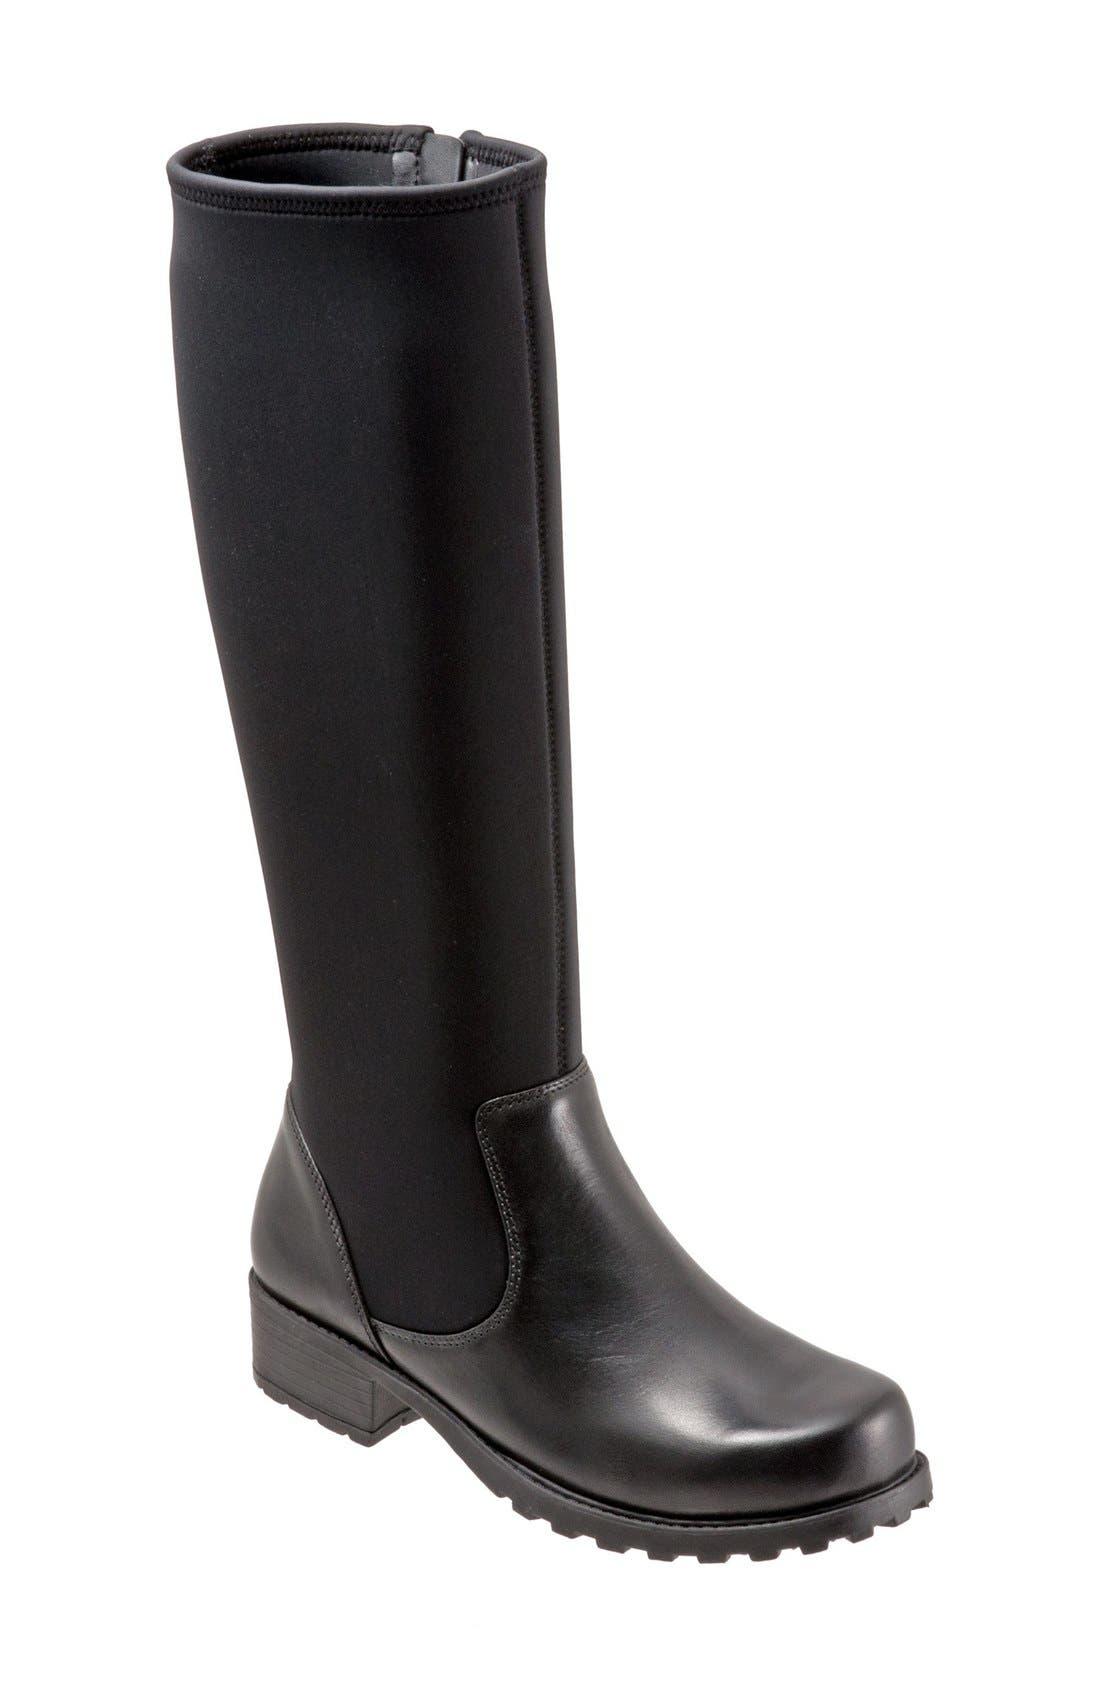 'Biloxi' Boot,                             Main thumbnail 1, color,                             Black/ Black Leather